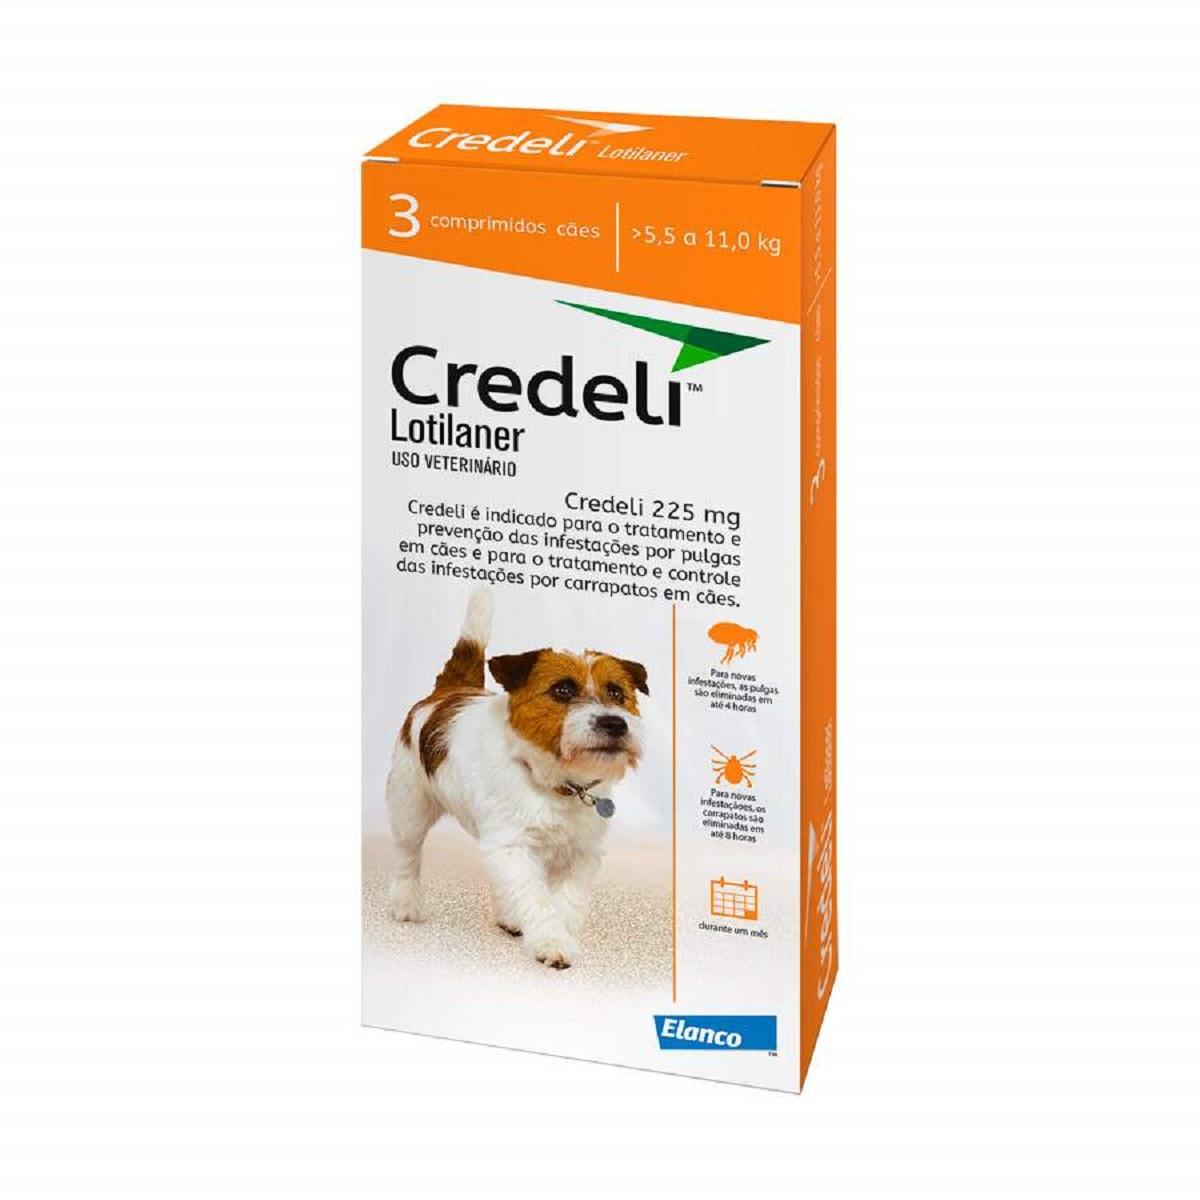 Credeli Pulgas e carrapatos cães entre 5,5 a 11,0 Kg caixa com 3 comprimidos